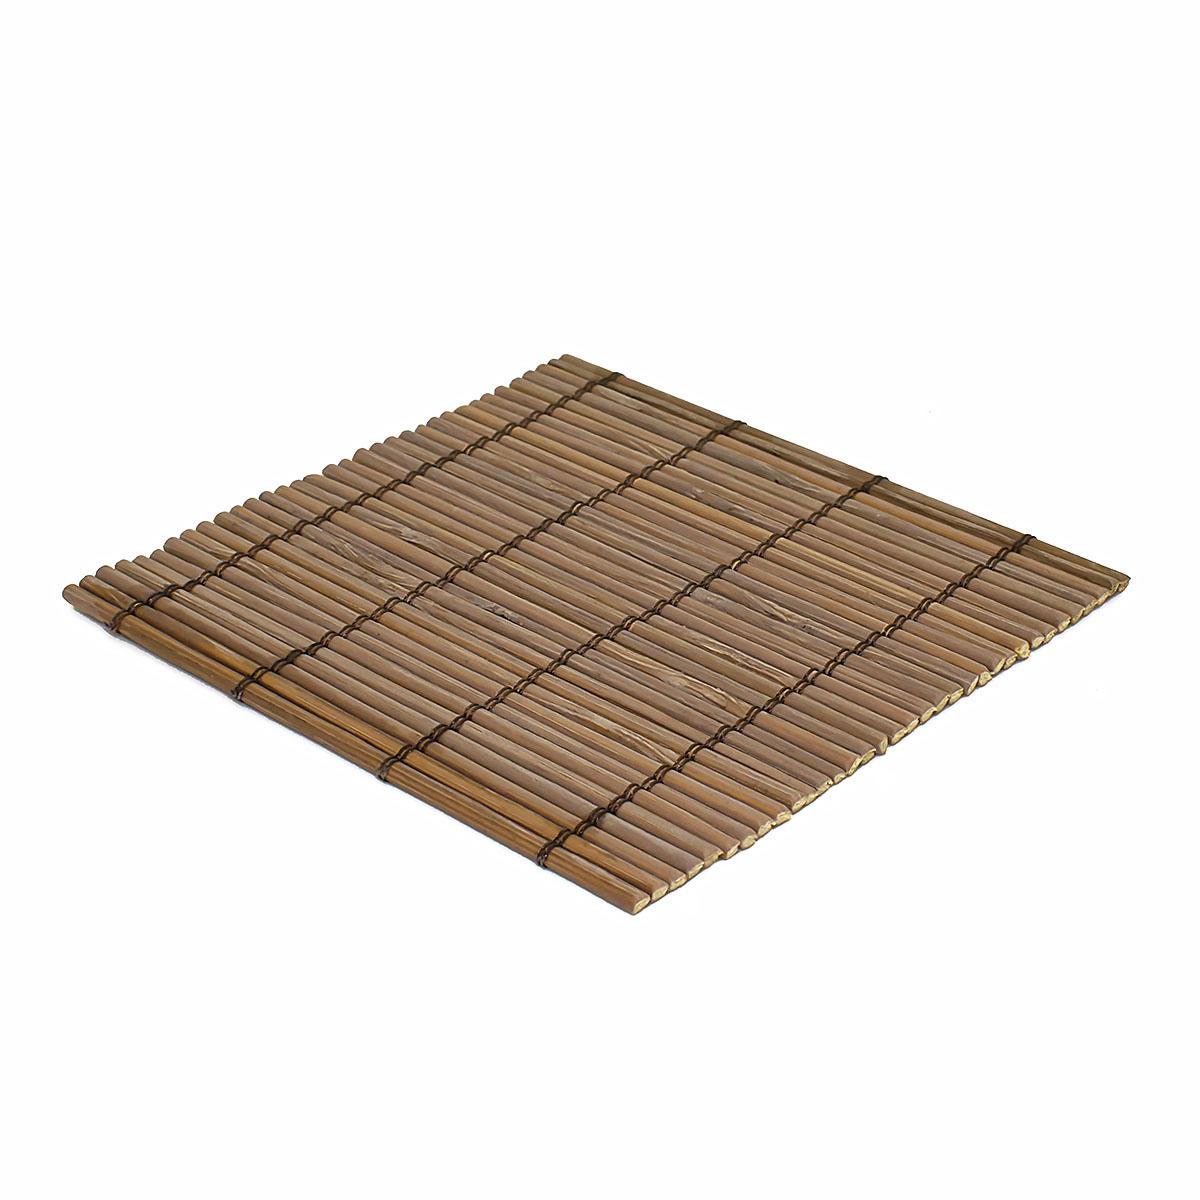 Набор чайных циновок (бамбук), коричневые, 10 х 10 см, 5 шт/упак